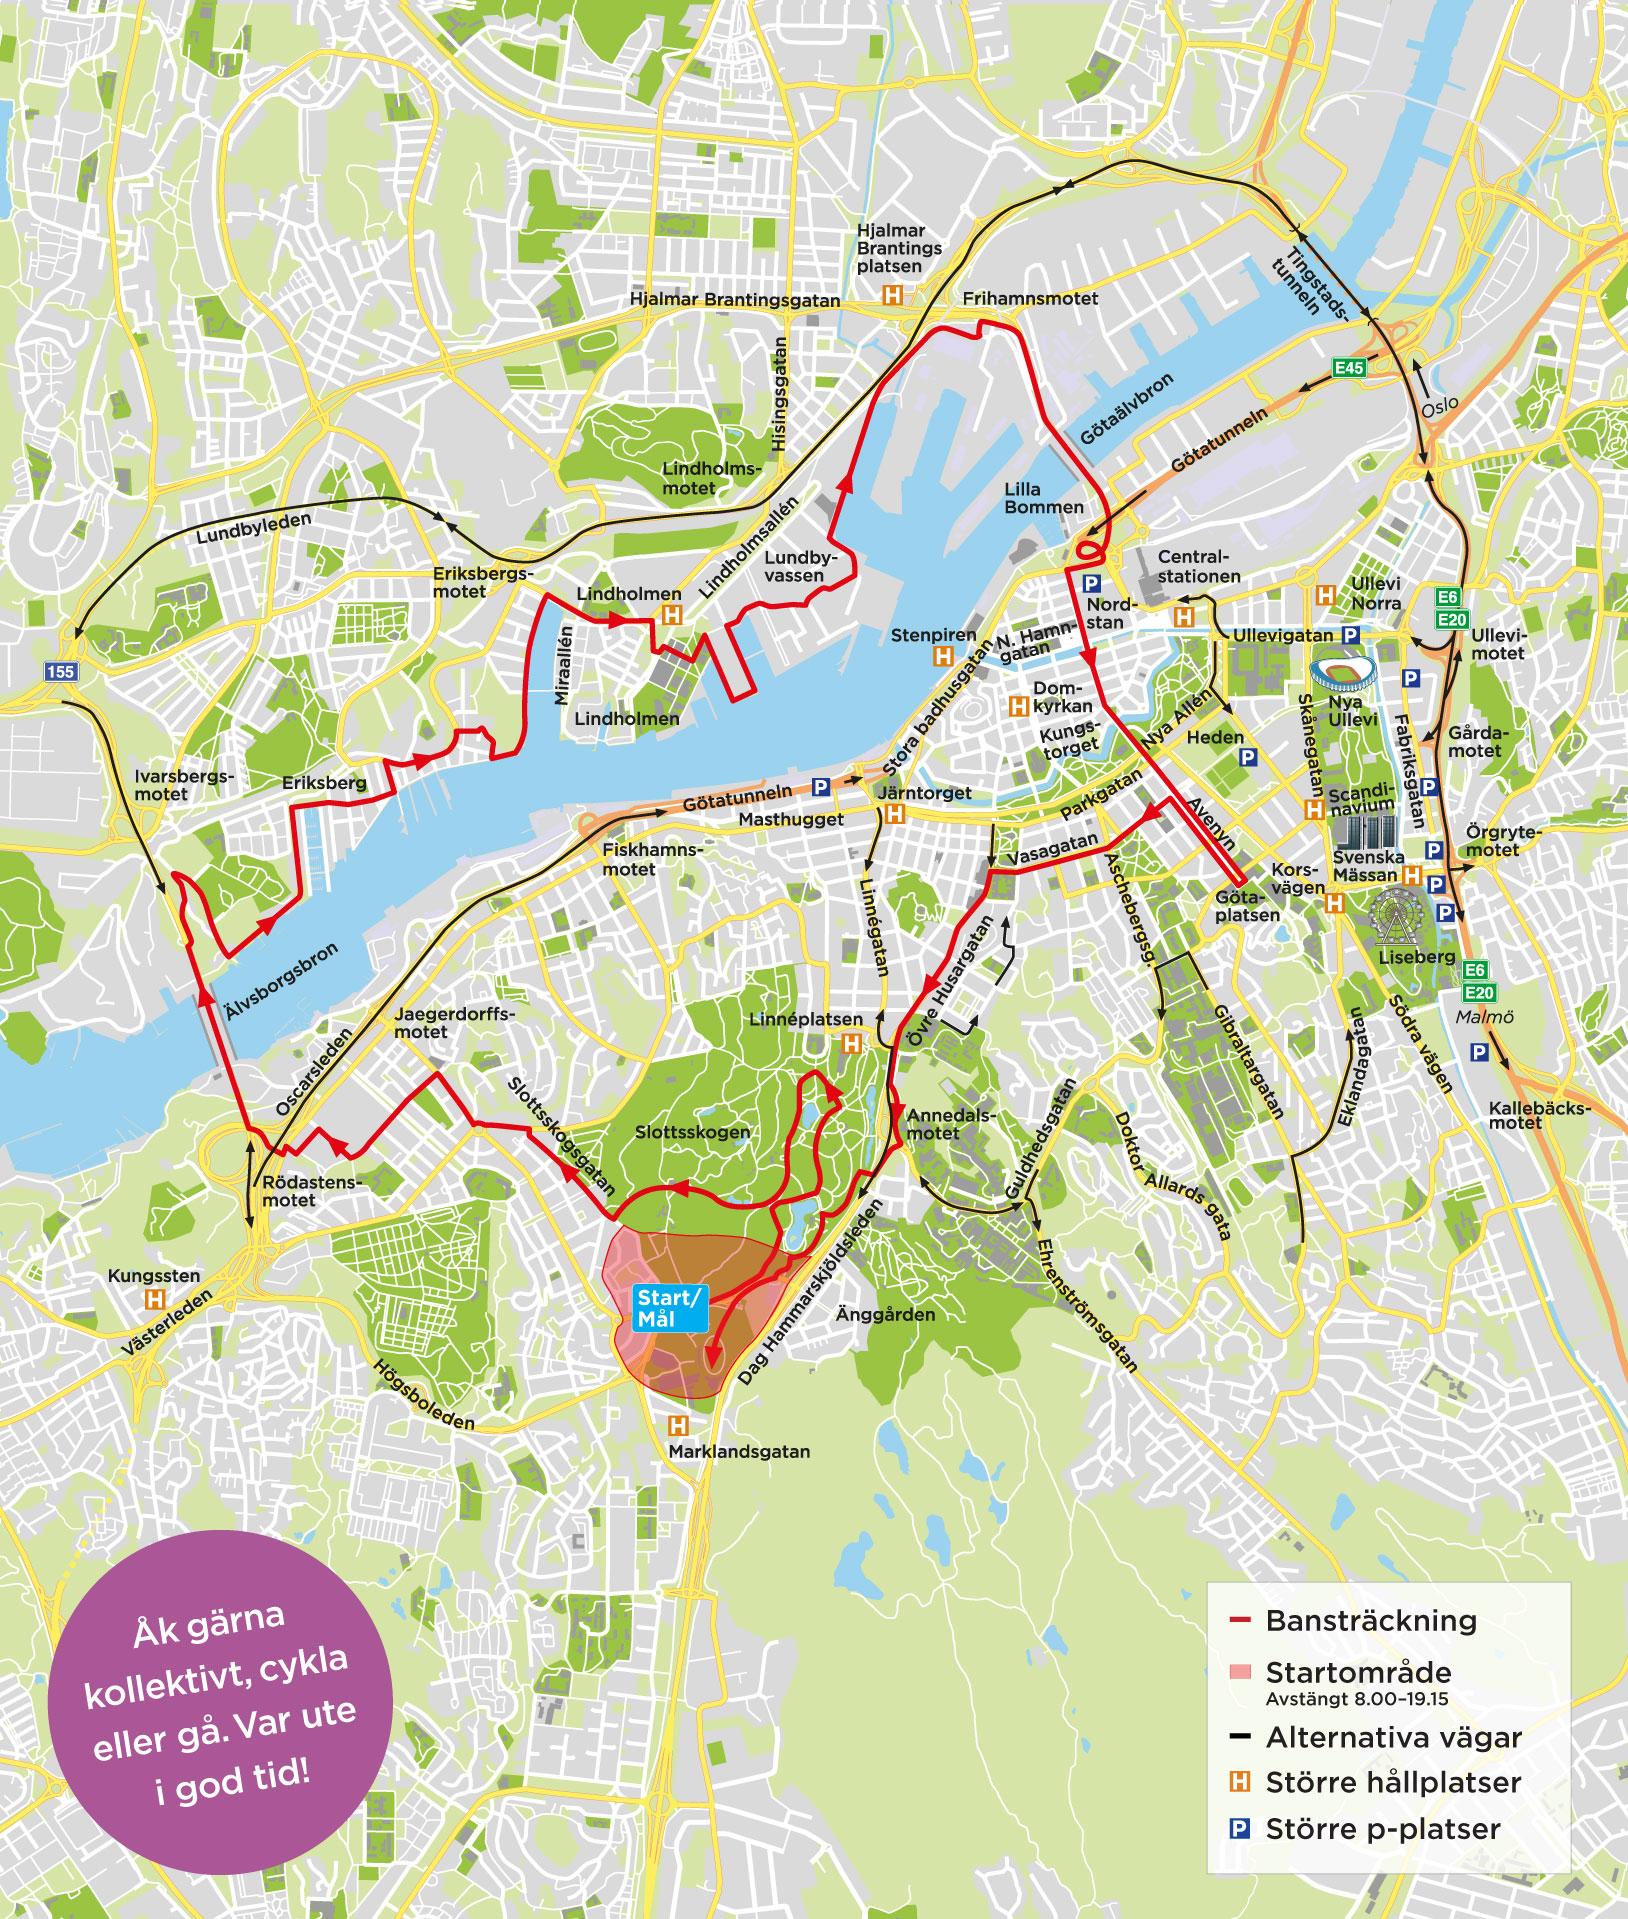 spårvagnslinjer göteborg karta Dags för Göteborgsvarvet | Trafiken.nu Göteborg spårvagnslinjer göteborg karta